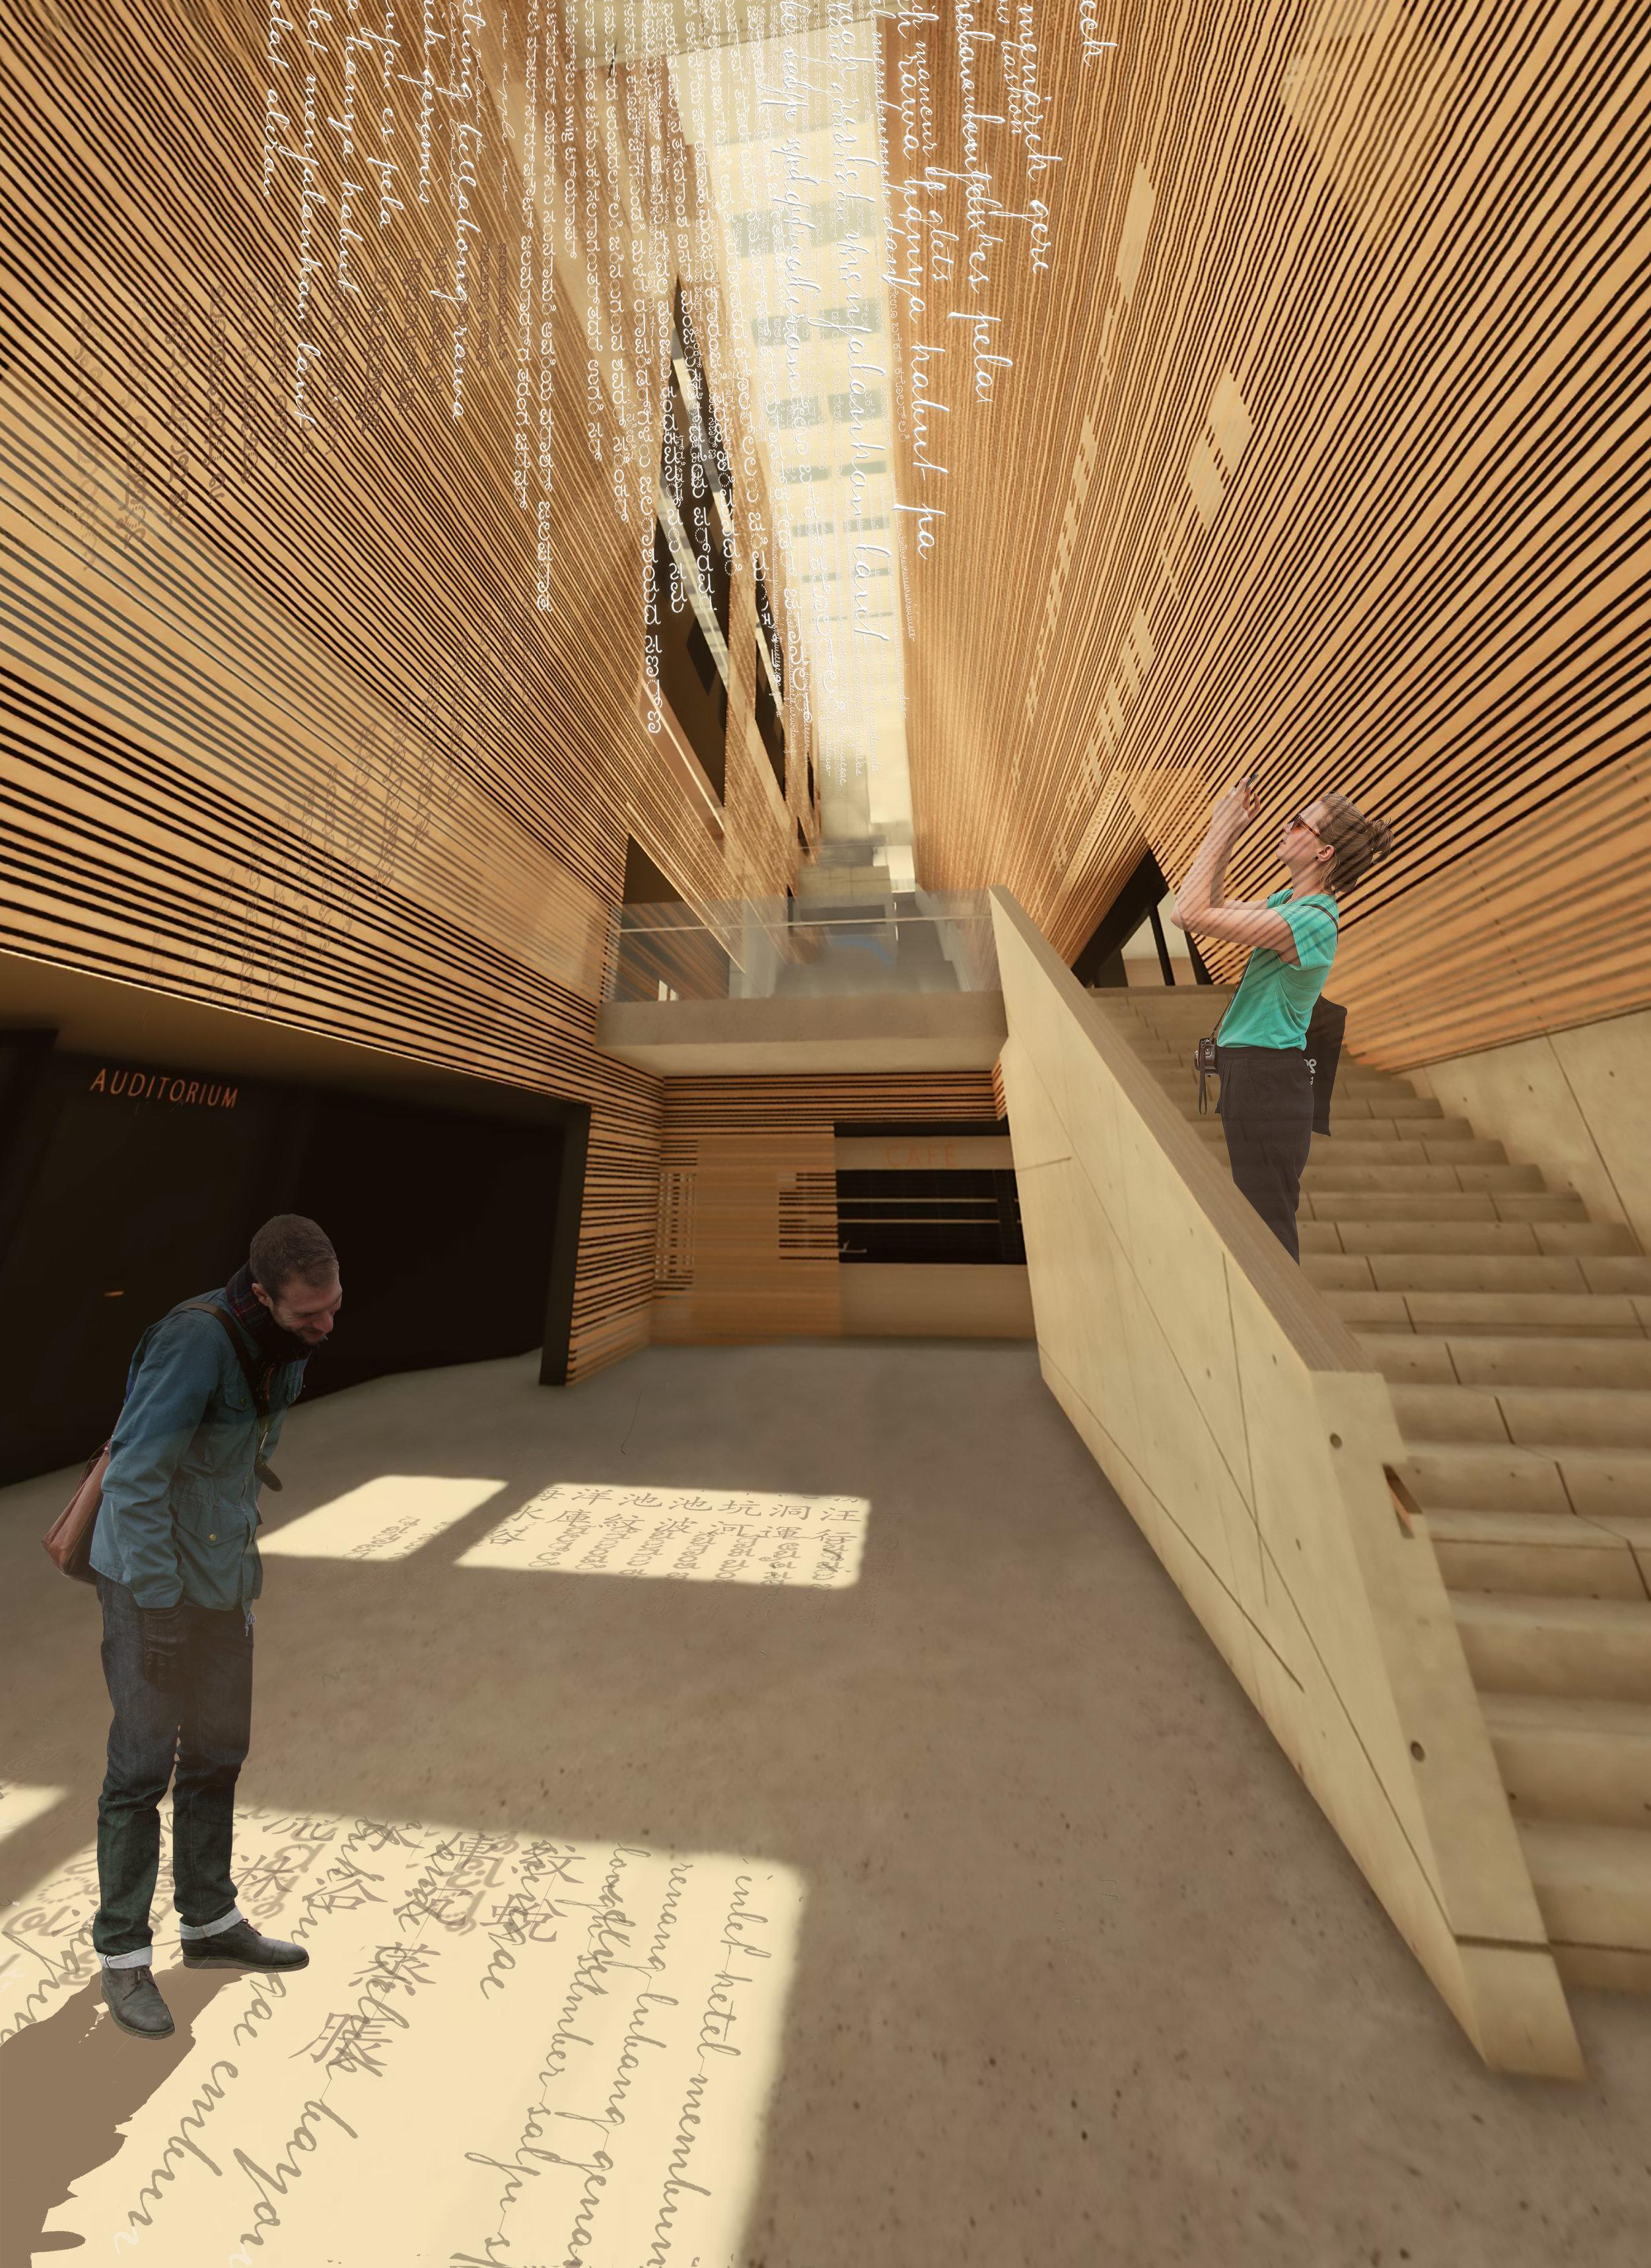 Sanoista muodostuvat nauhat ripustetaan tilaan suoraan katosta siten, että auringonvalo siivilöityy niiden välistä, muodostaen luettavia varjoja lattioille ja seinille eri vuoden ja vuorokauden aikoina.